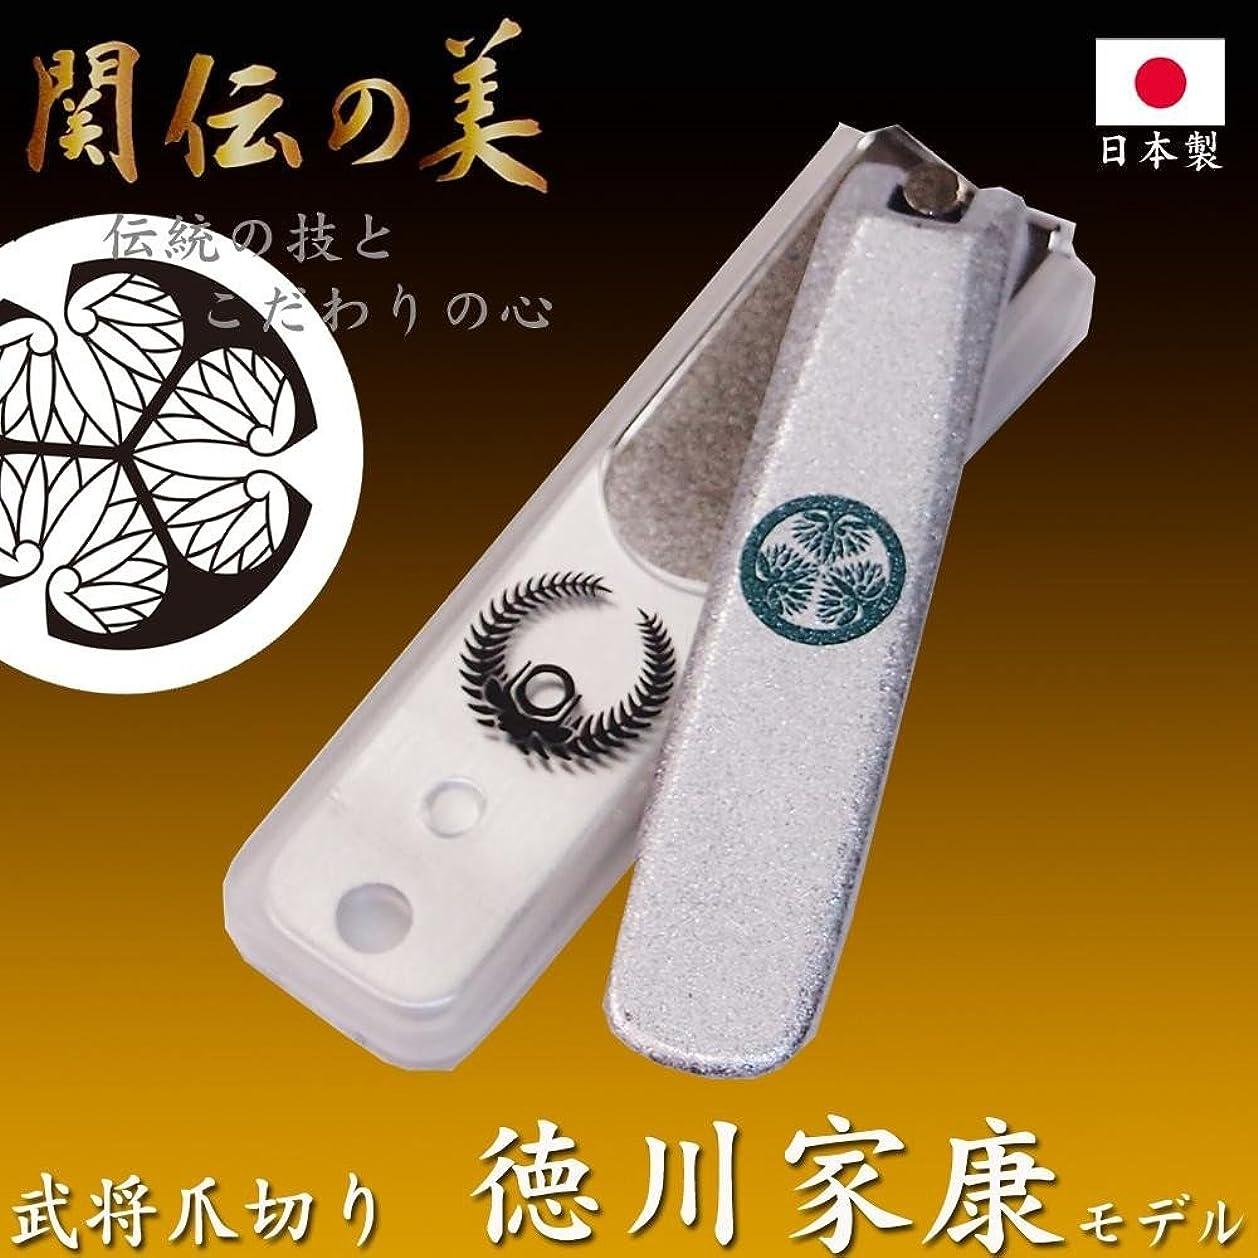 ボイラー不合格置くためにパックNIKKEN ニッケン刃物 関伝の美 武将爪切り 徳川家康モデル シルバー NL-15I